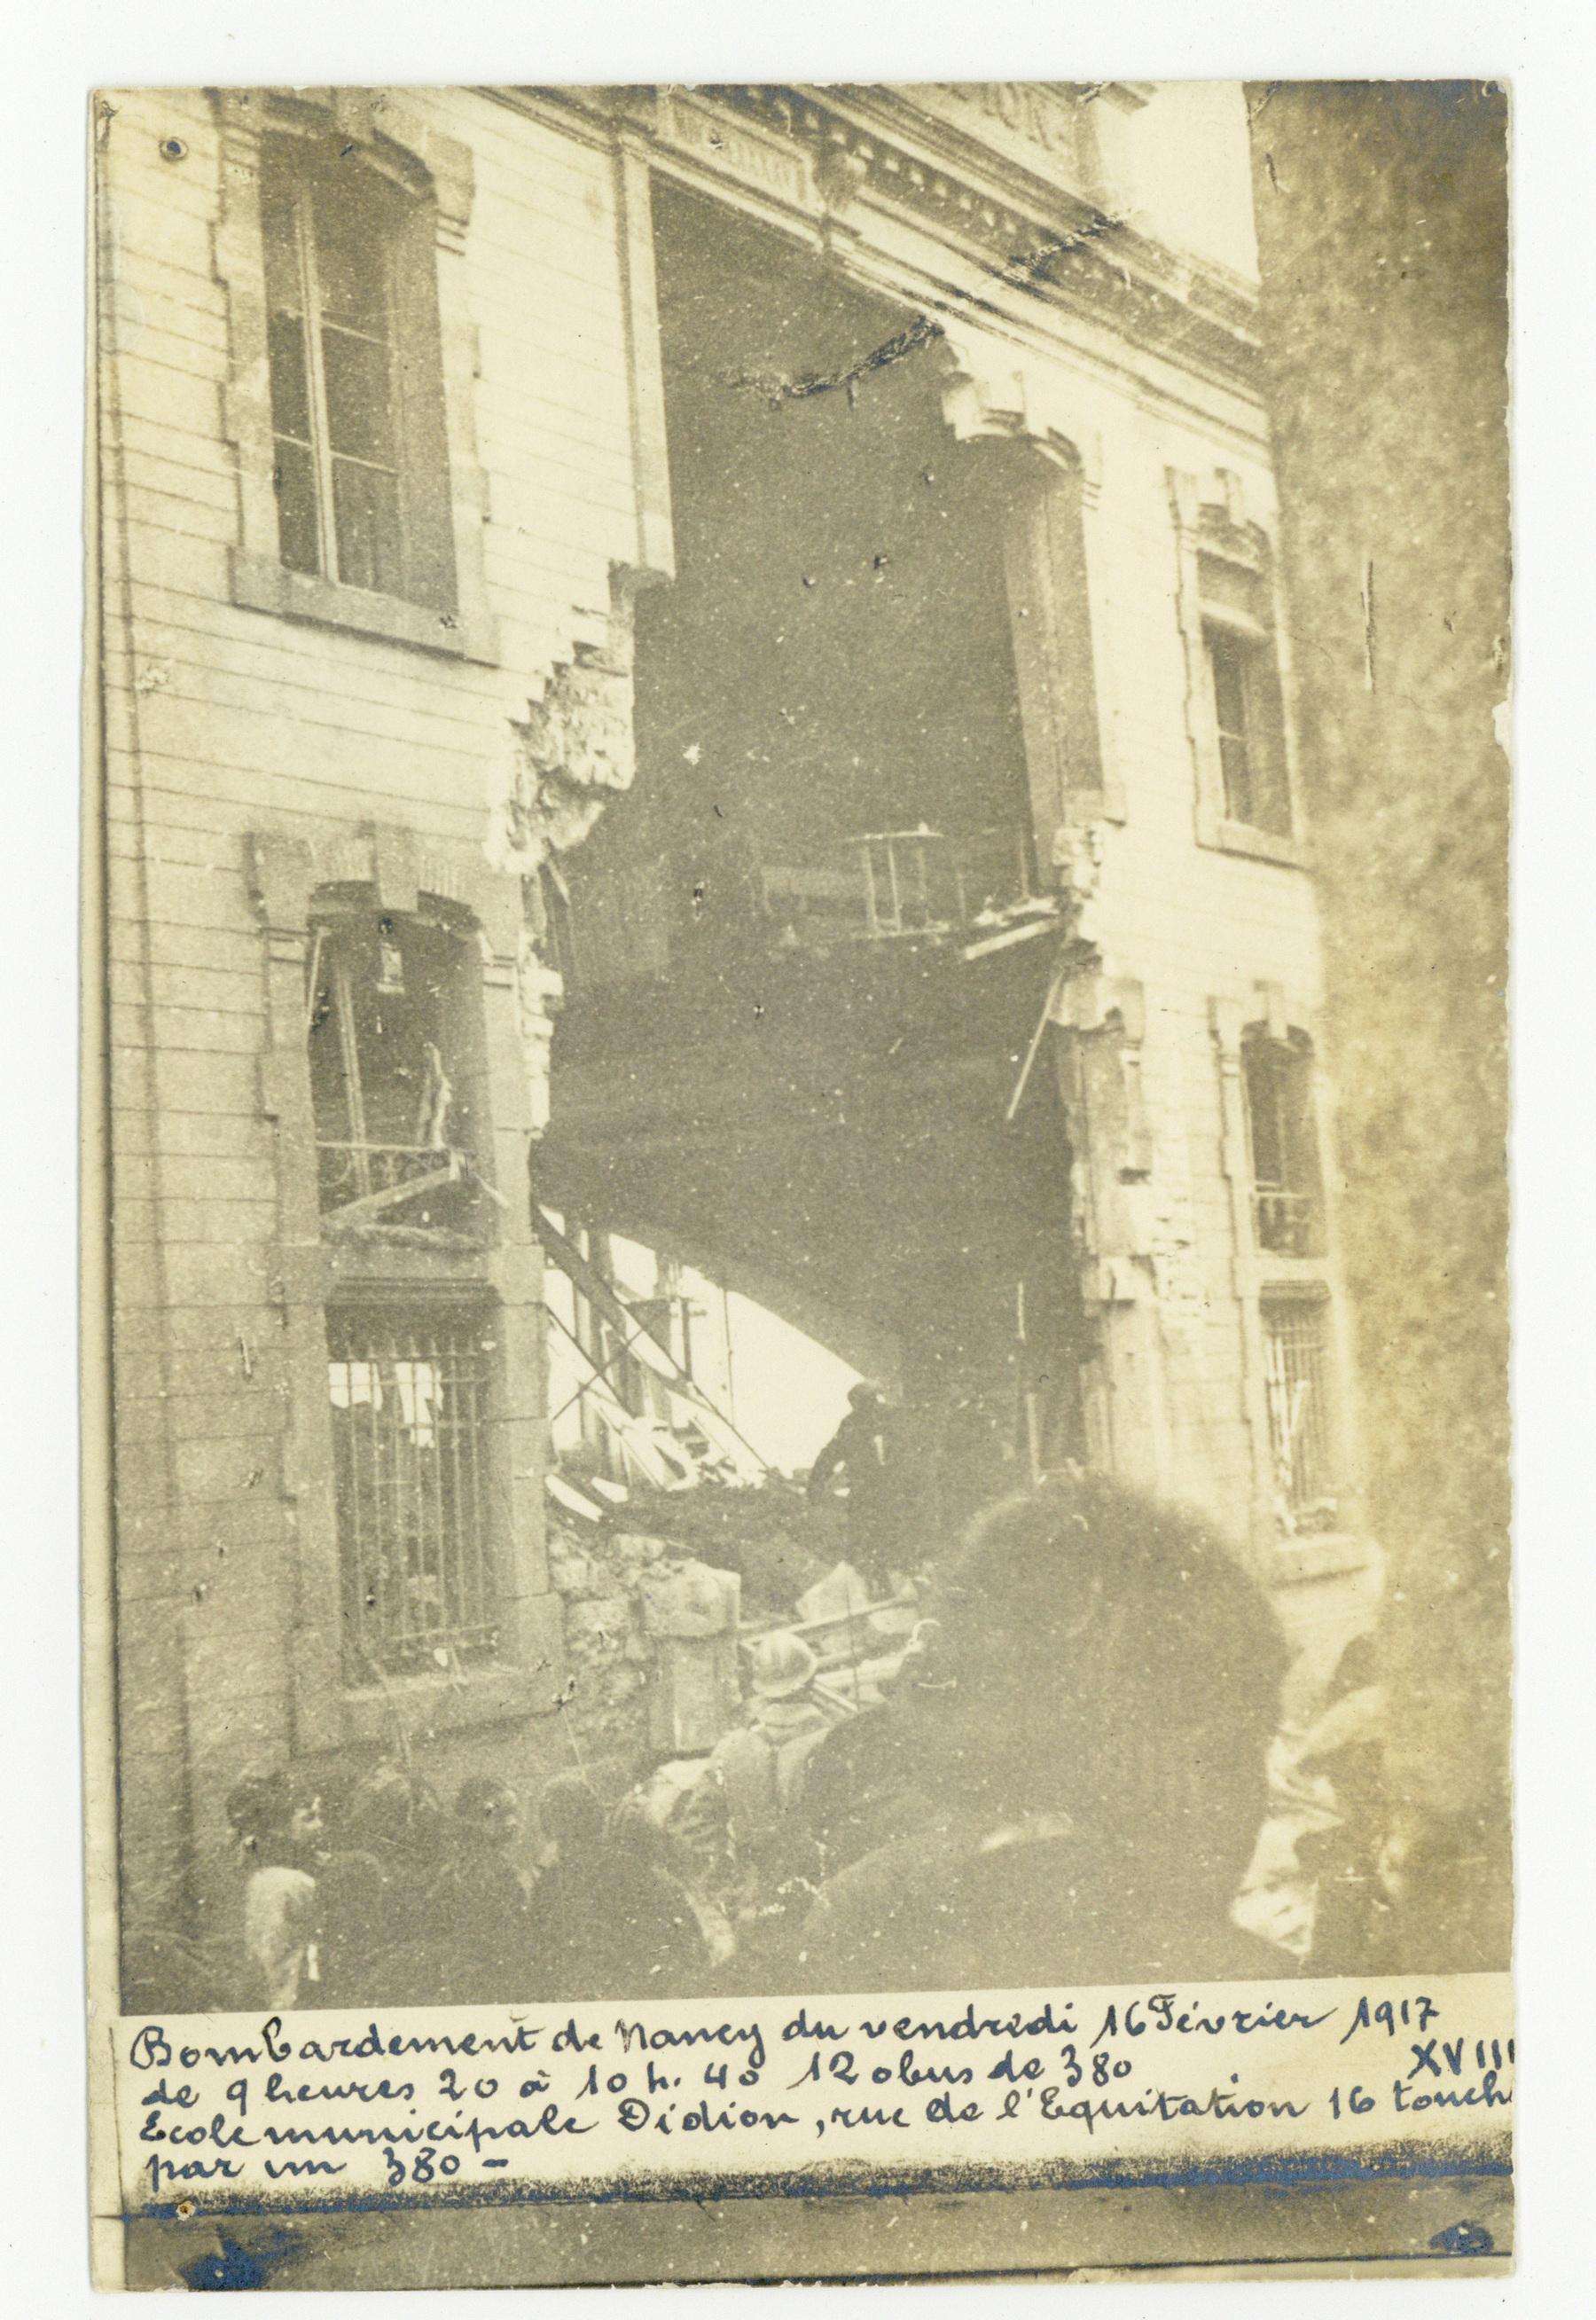 Contenu du Bombardement de février 1917, école Didion.